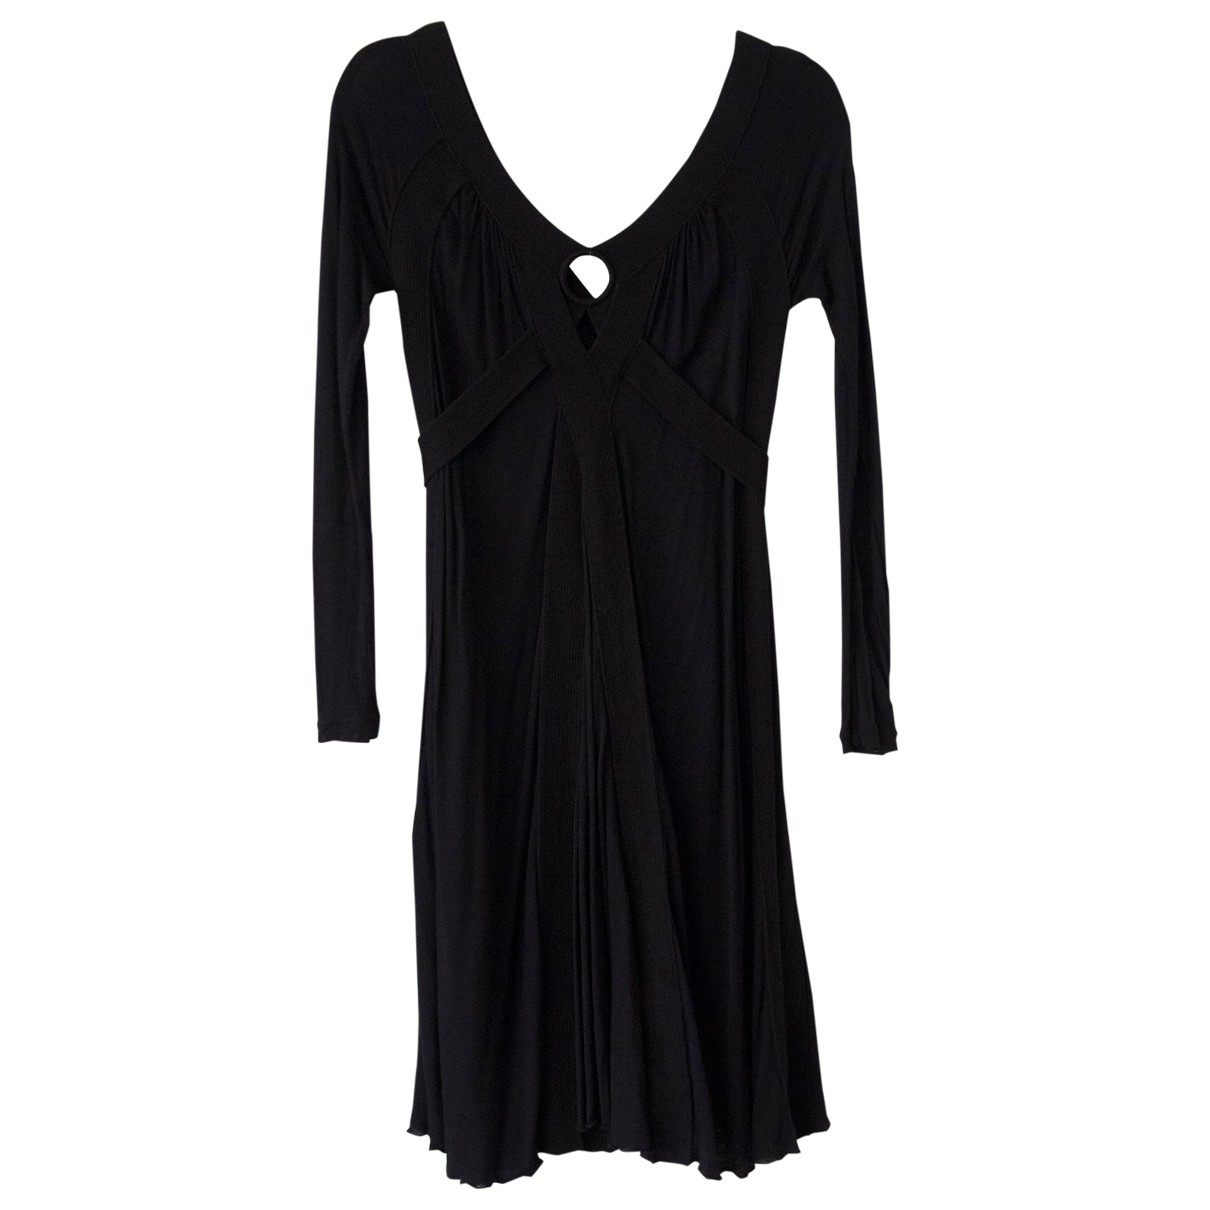 Jean Paul Gaultier \N Black Cashmere dress for Women S International